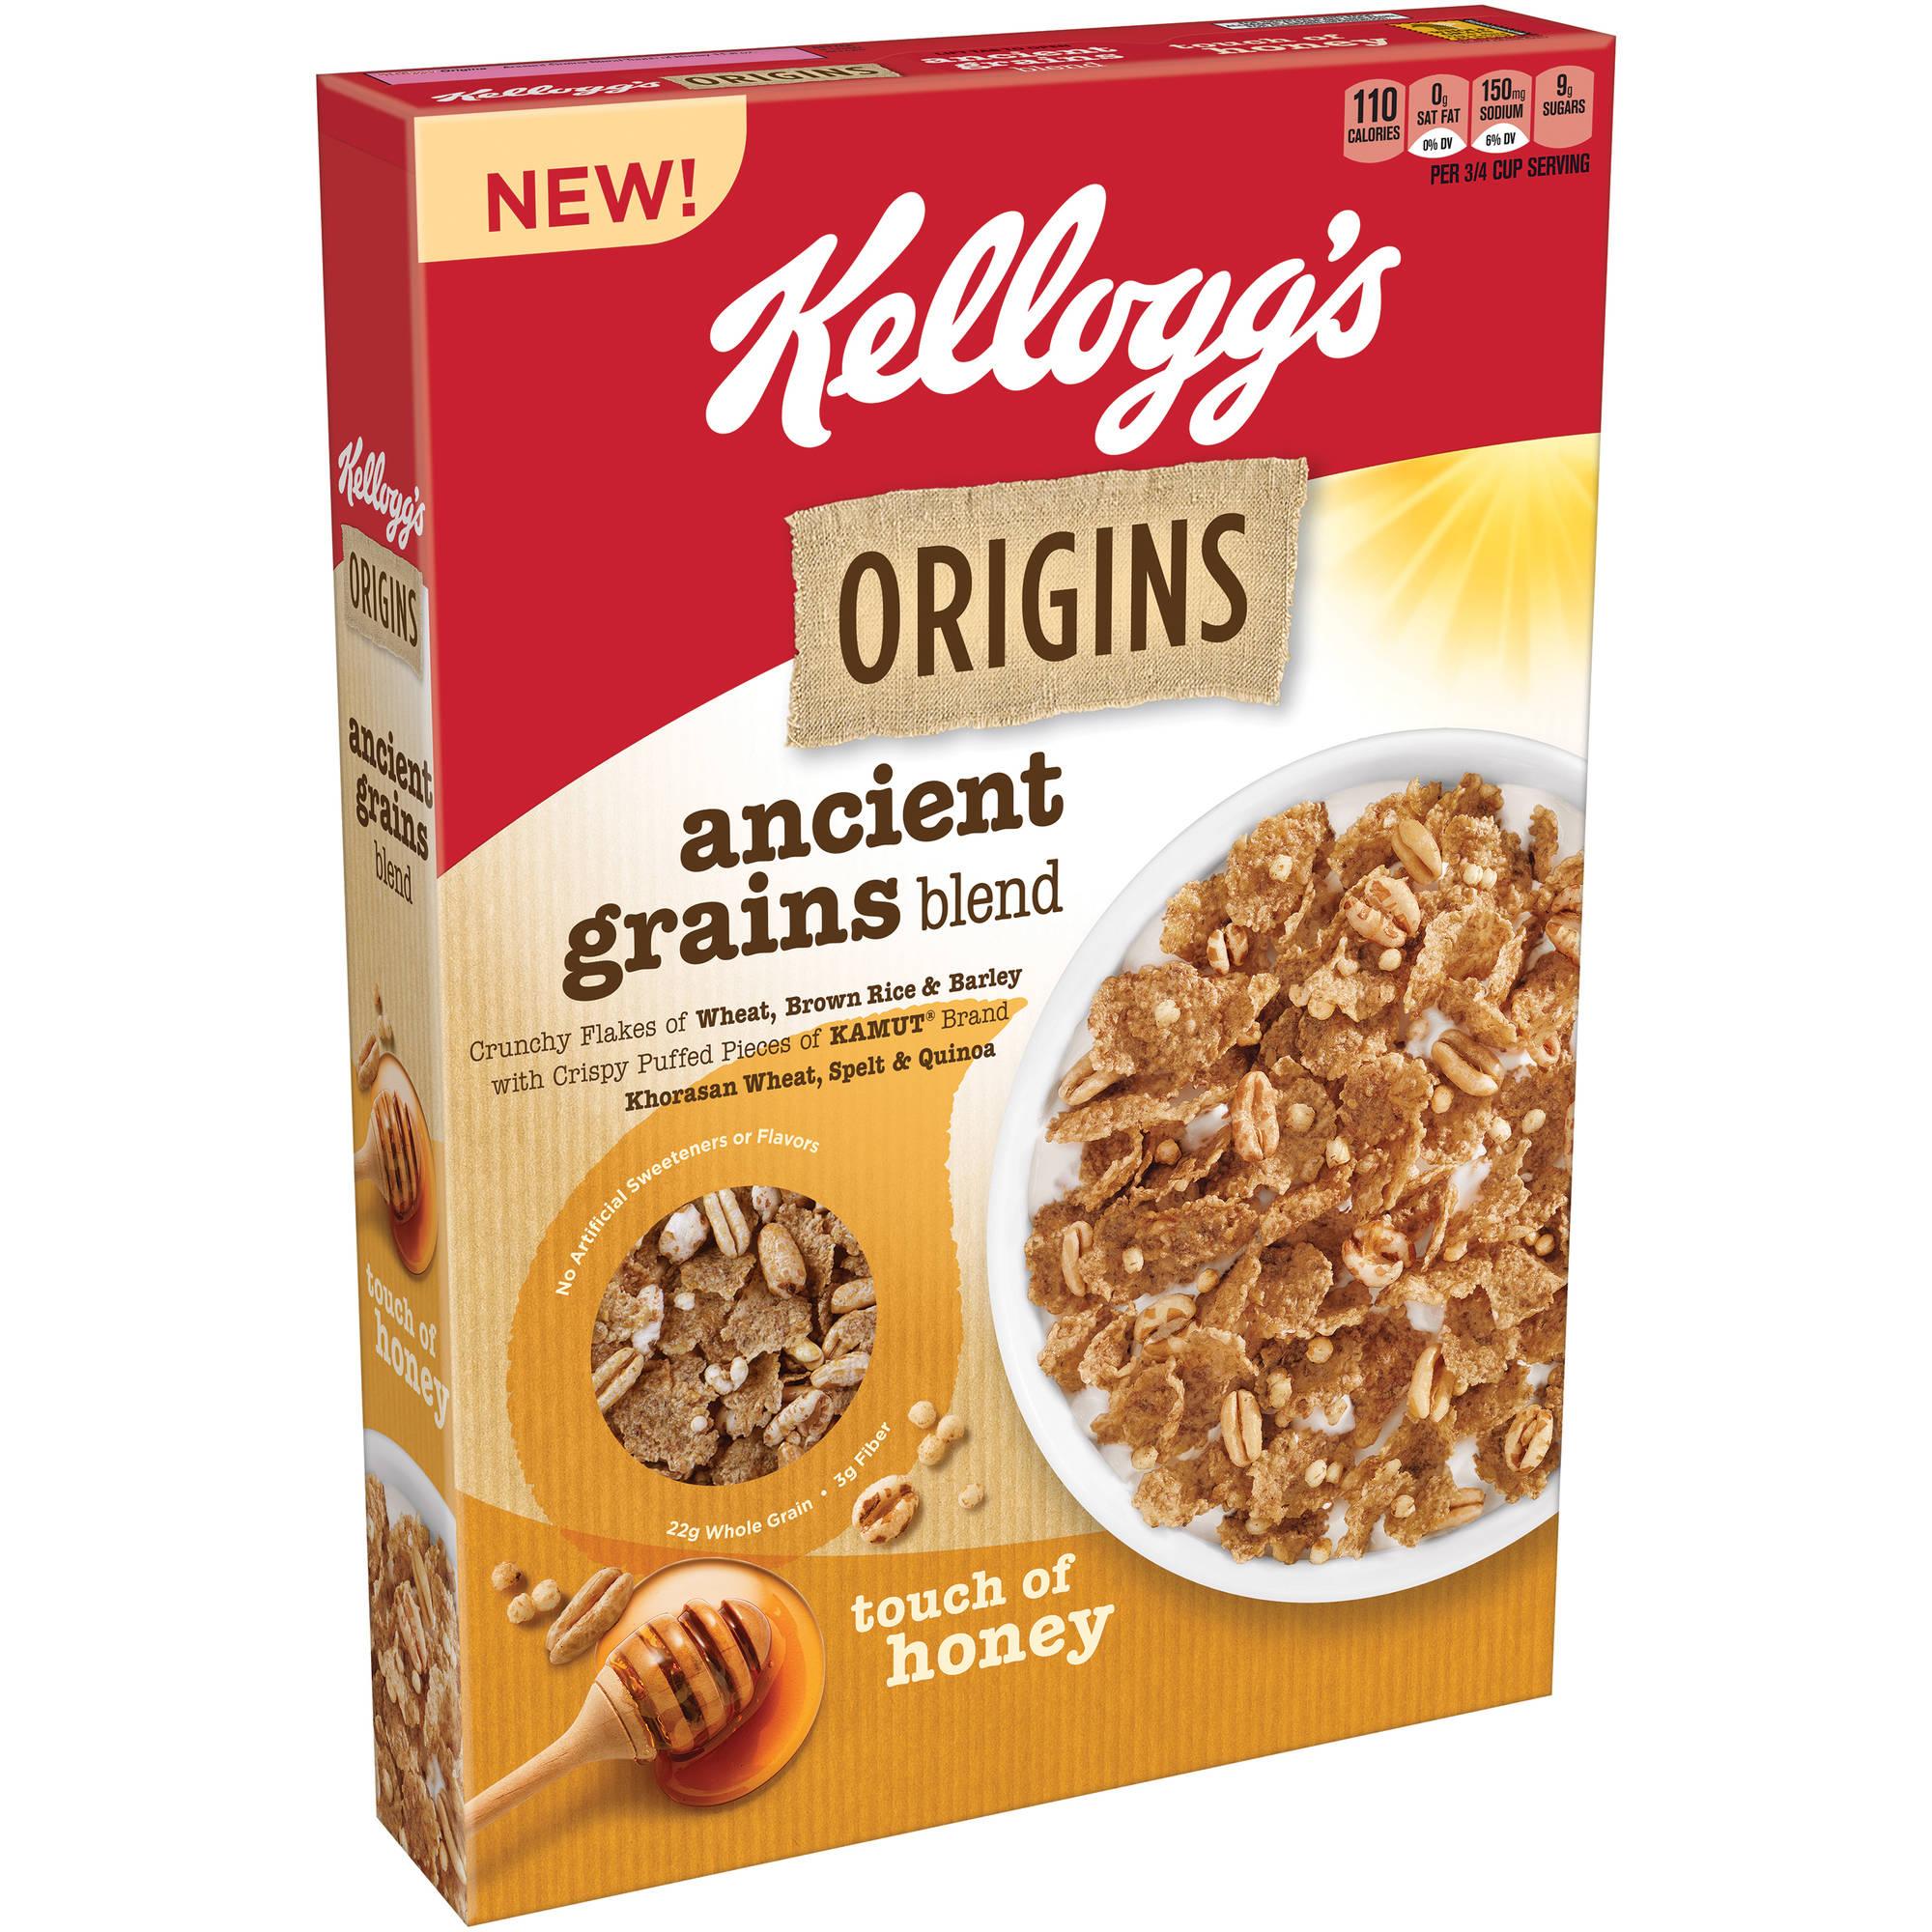 Kellogg\u0026#39;s Origins Ancient Grains Blend Cereal, 11.8 oz - Walmart.com